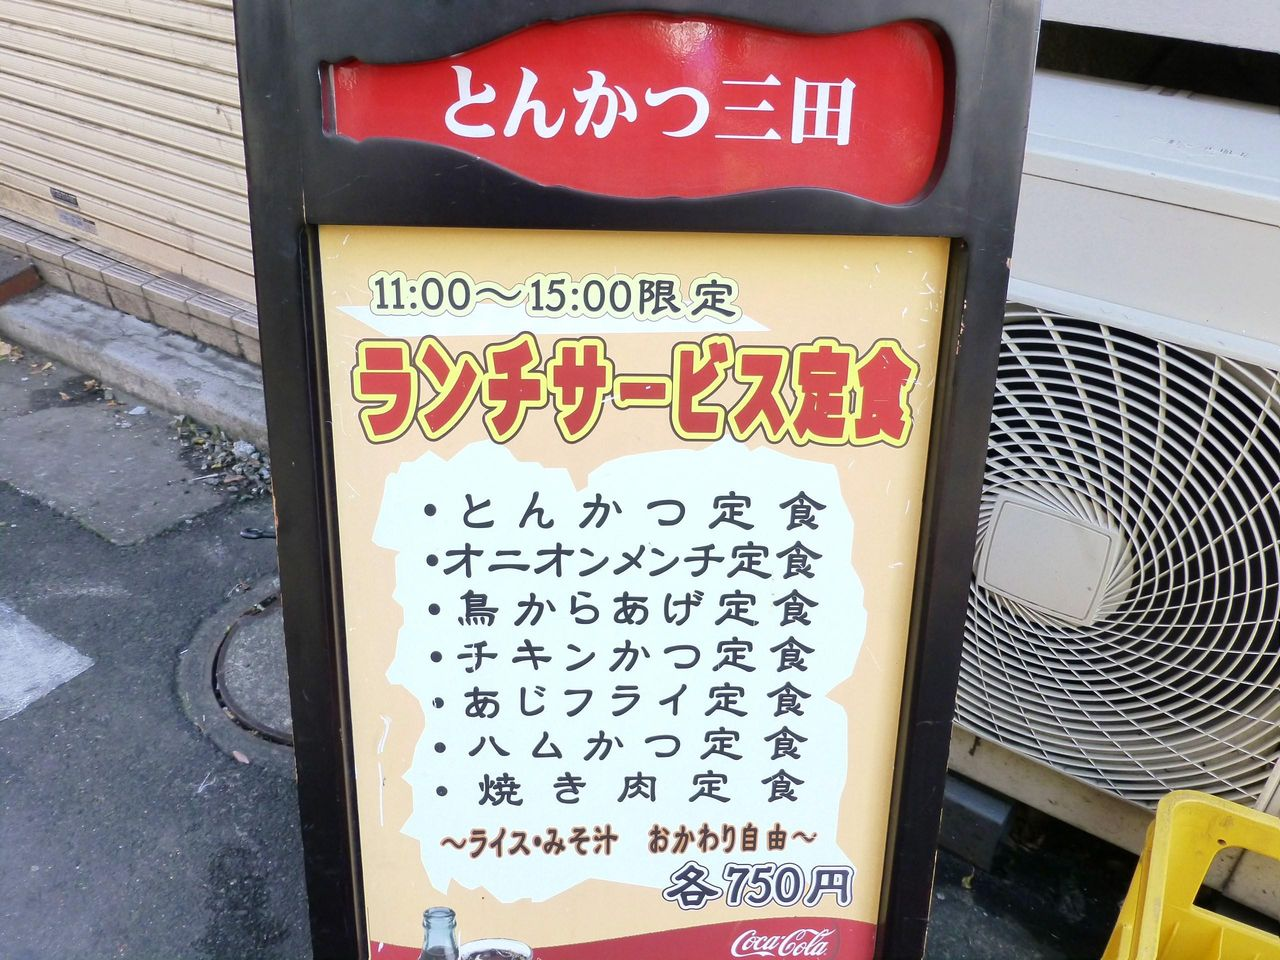 とんかつ三田のメニュー(25年12月現在)